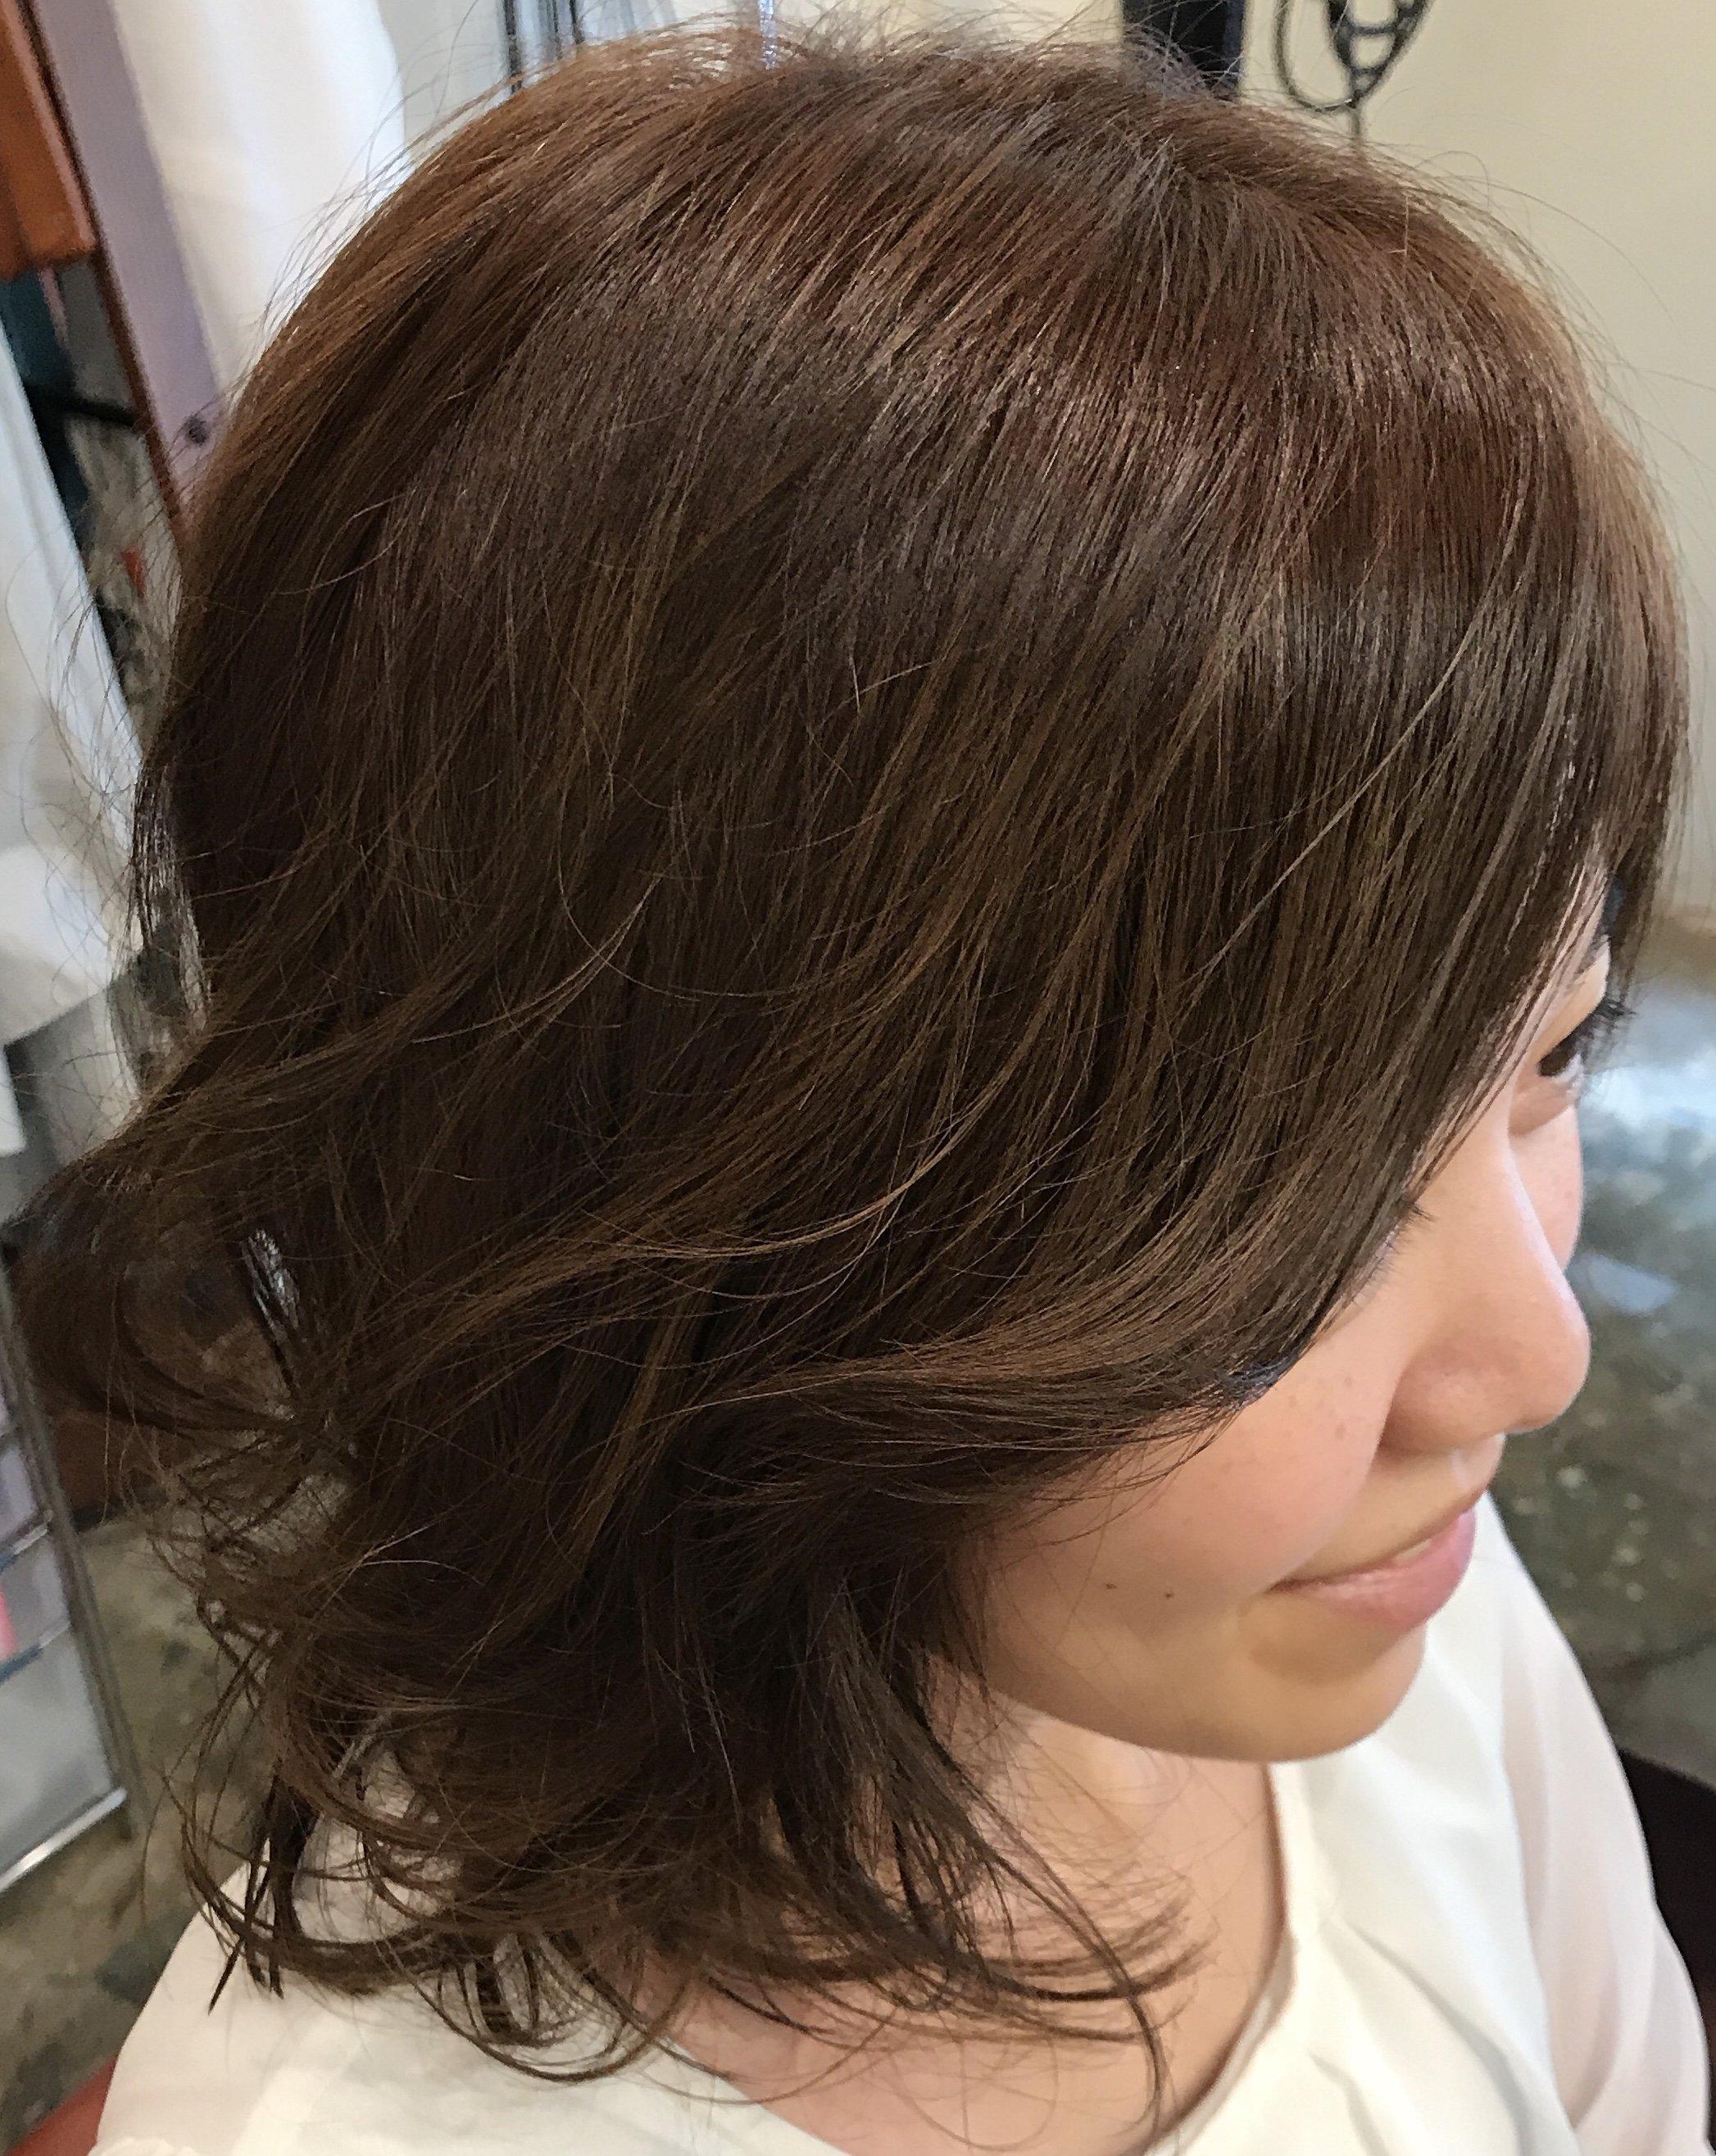 美容院、行ってきたよぉ♪髪色変えてセットしてもらったの^ - ^…